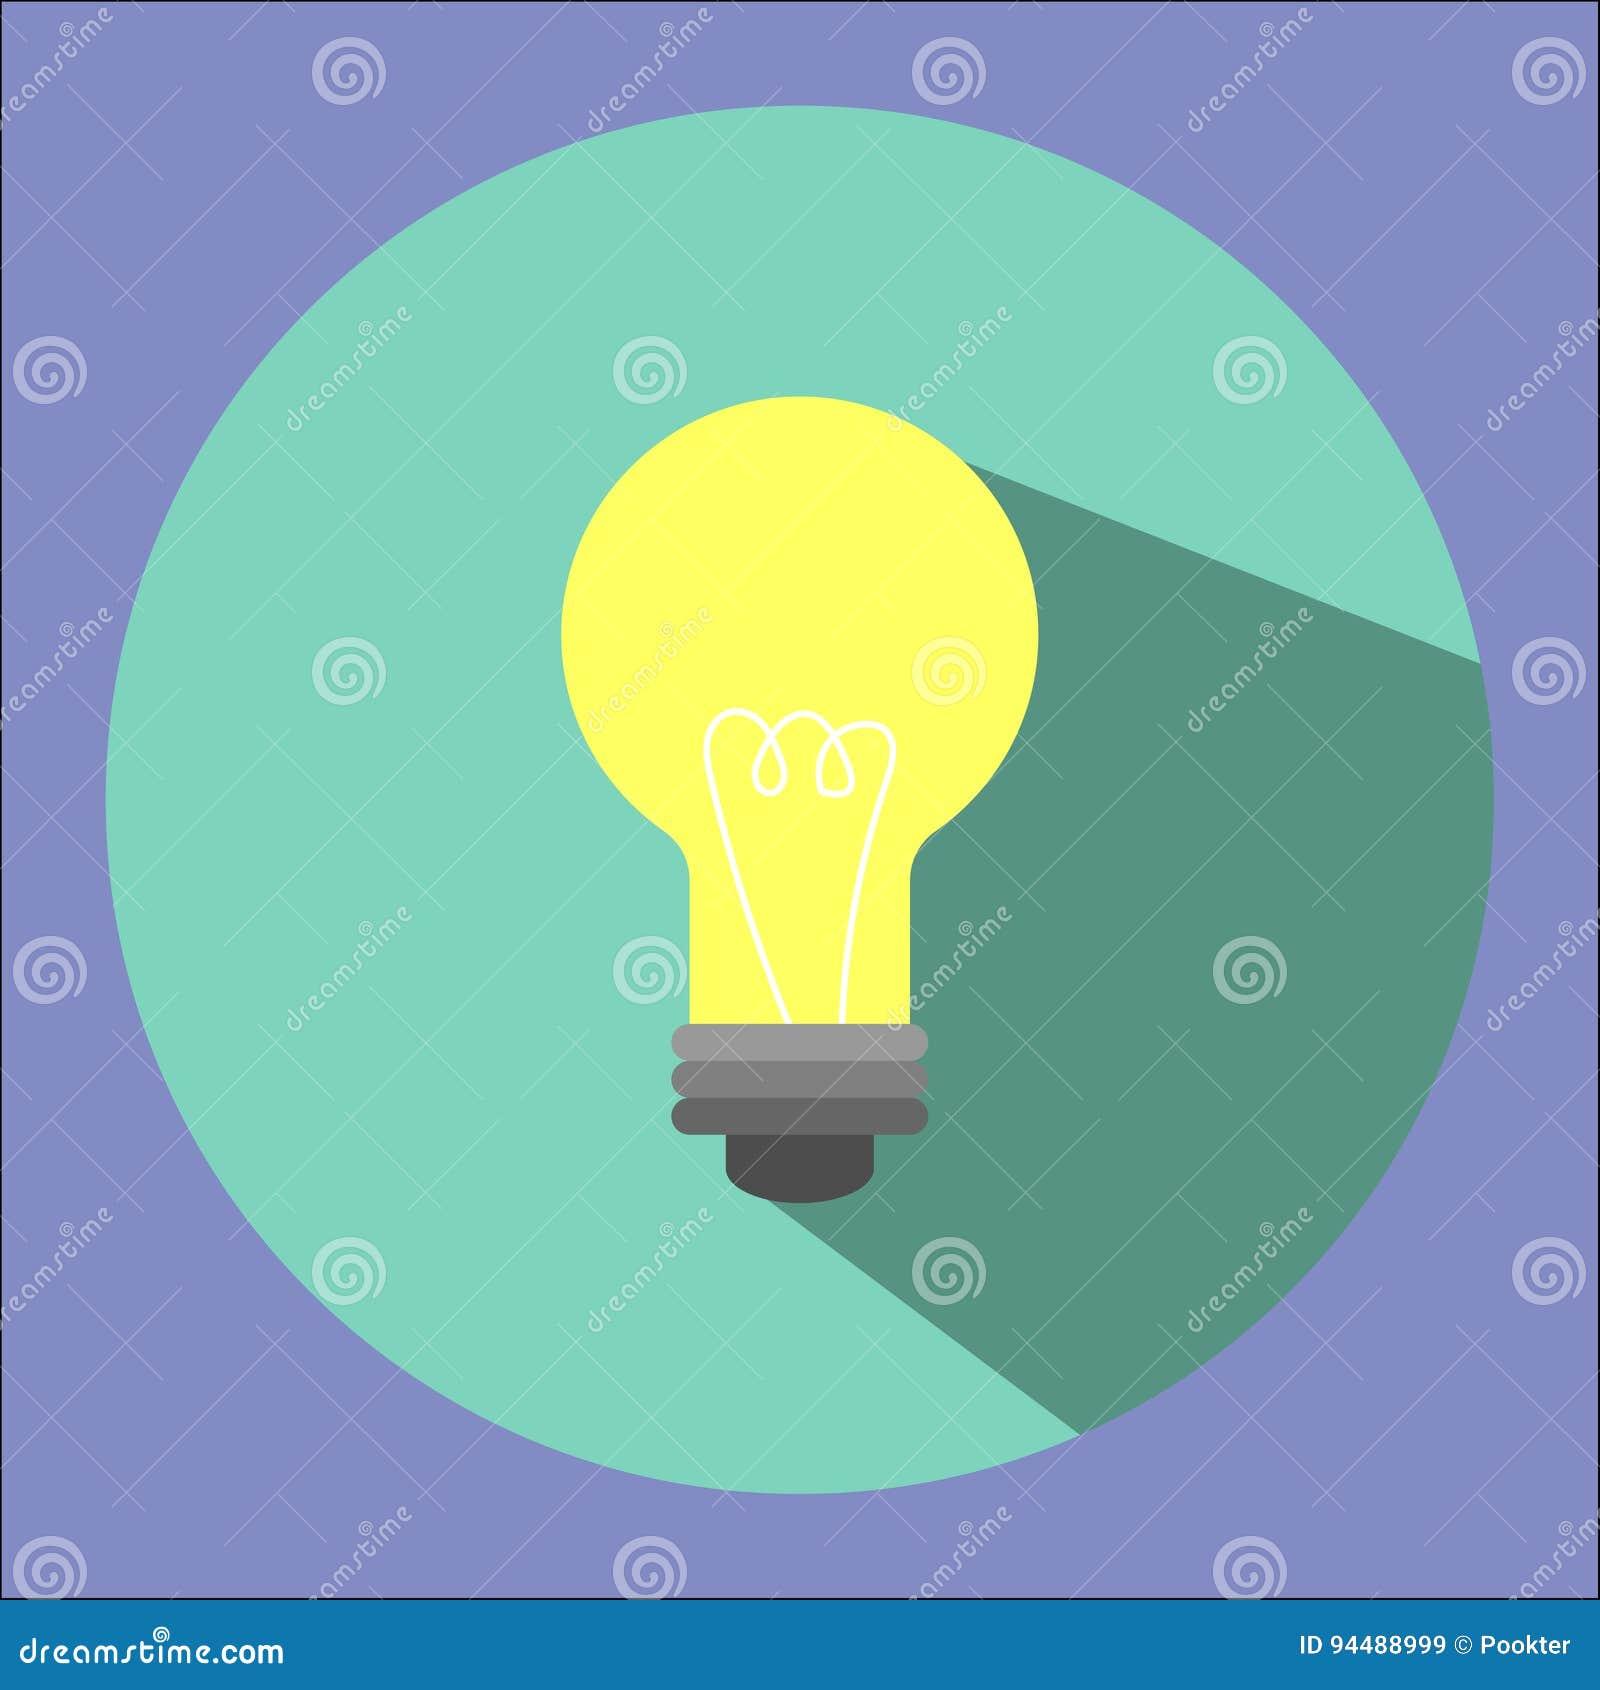 Illustrationen är en symbol för ljus kula Kan användas i olika publikationer